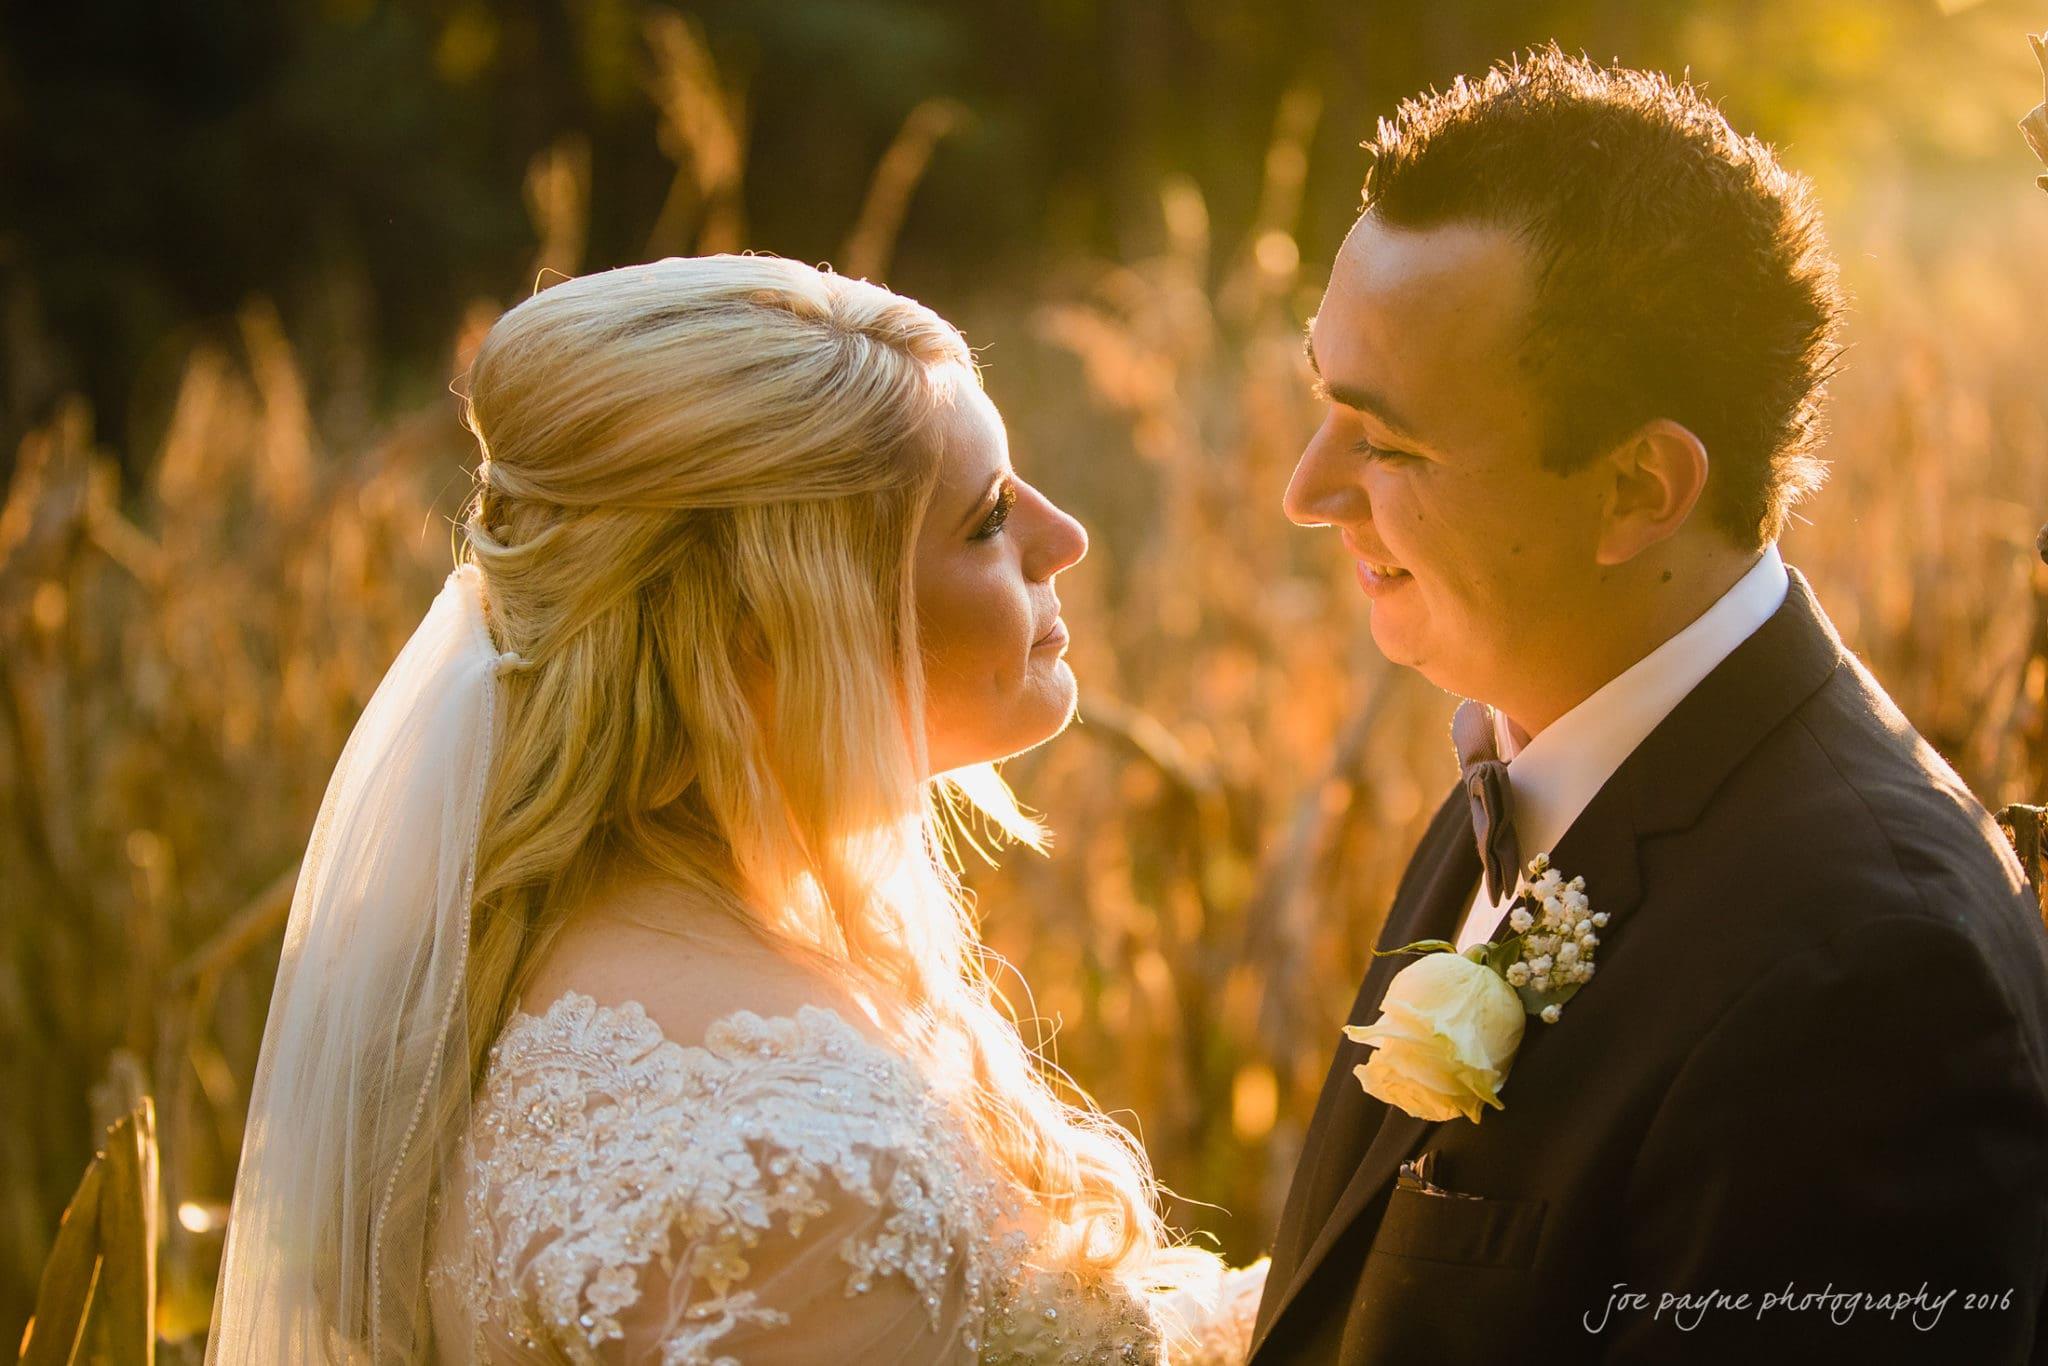 shady-wagon-farm-wedding-photography-danielle-josh-34